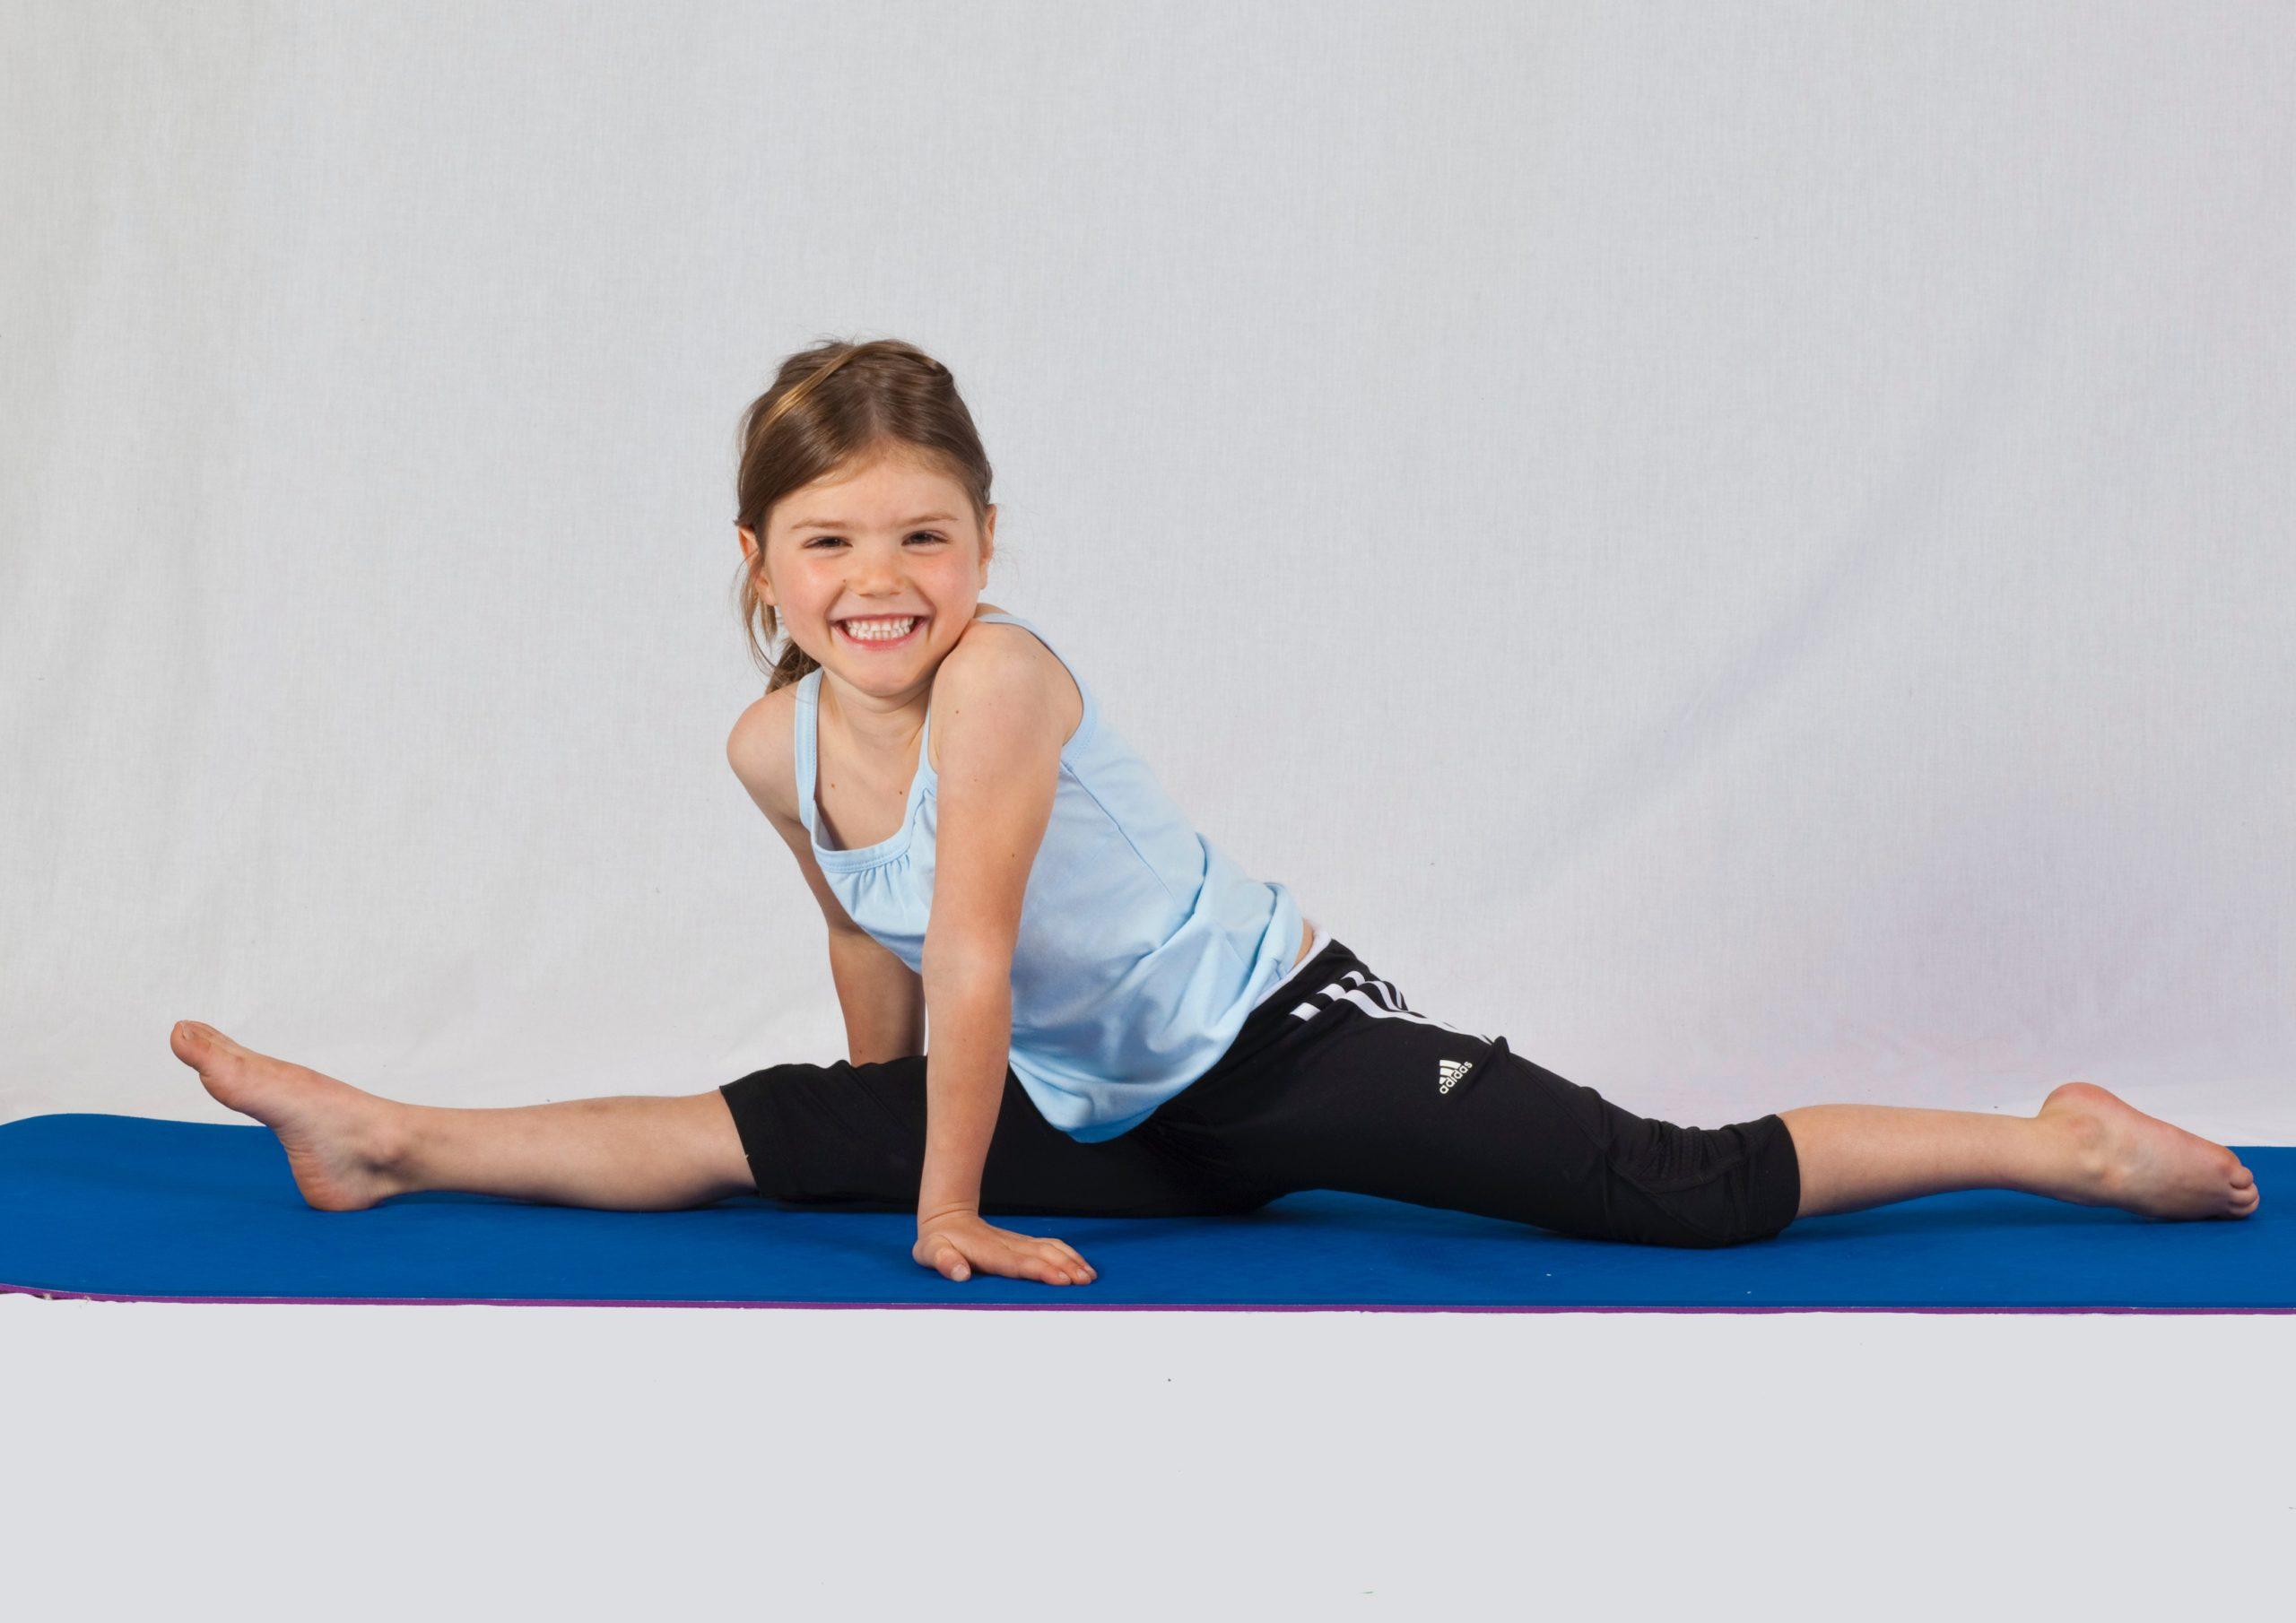 Evde cimnastik dersleri